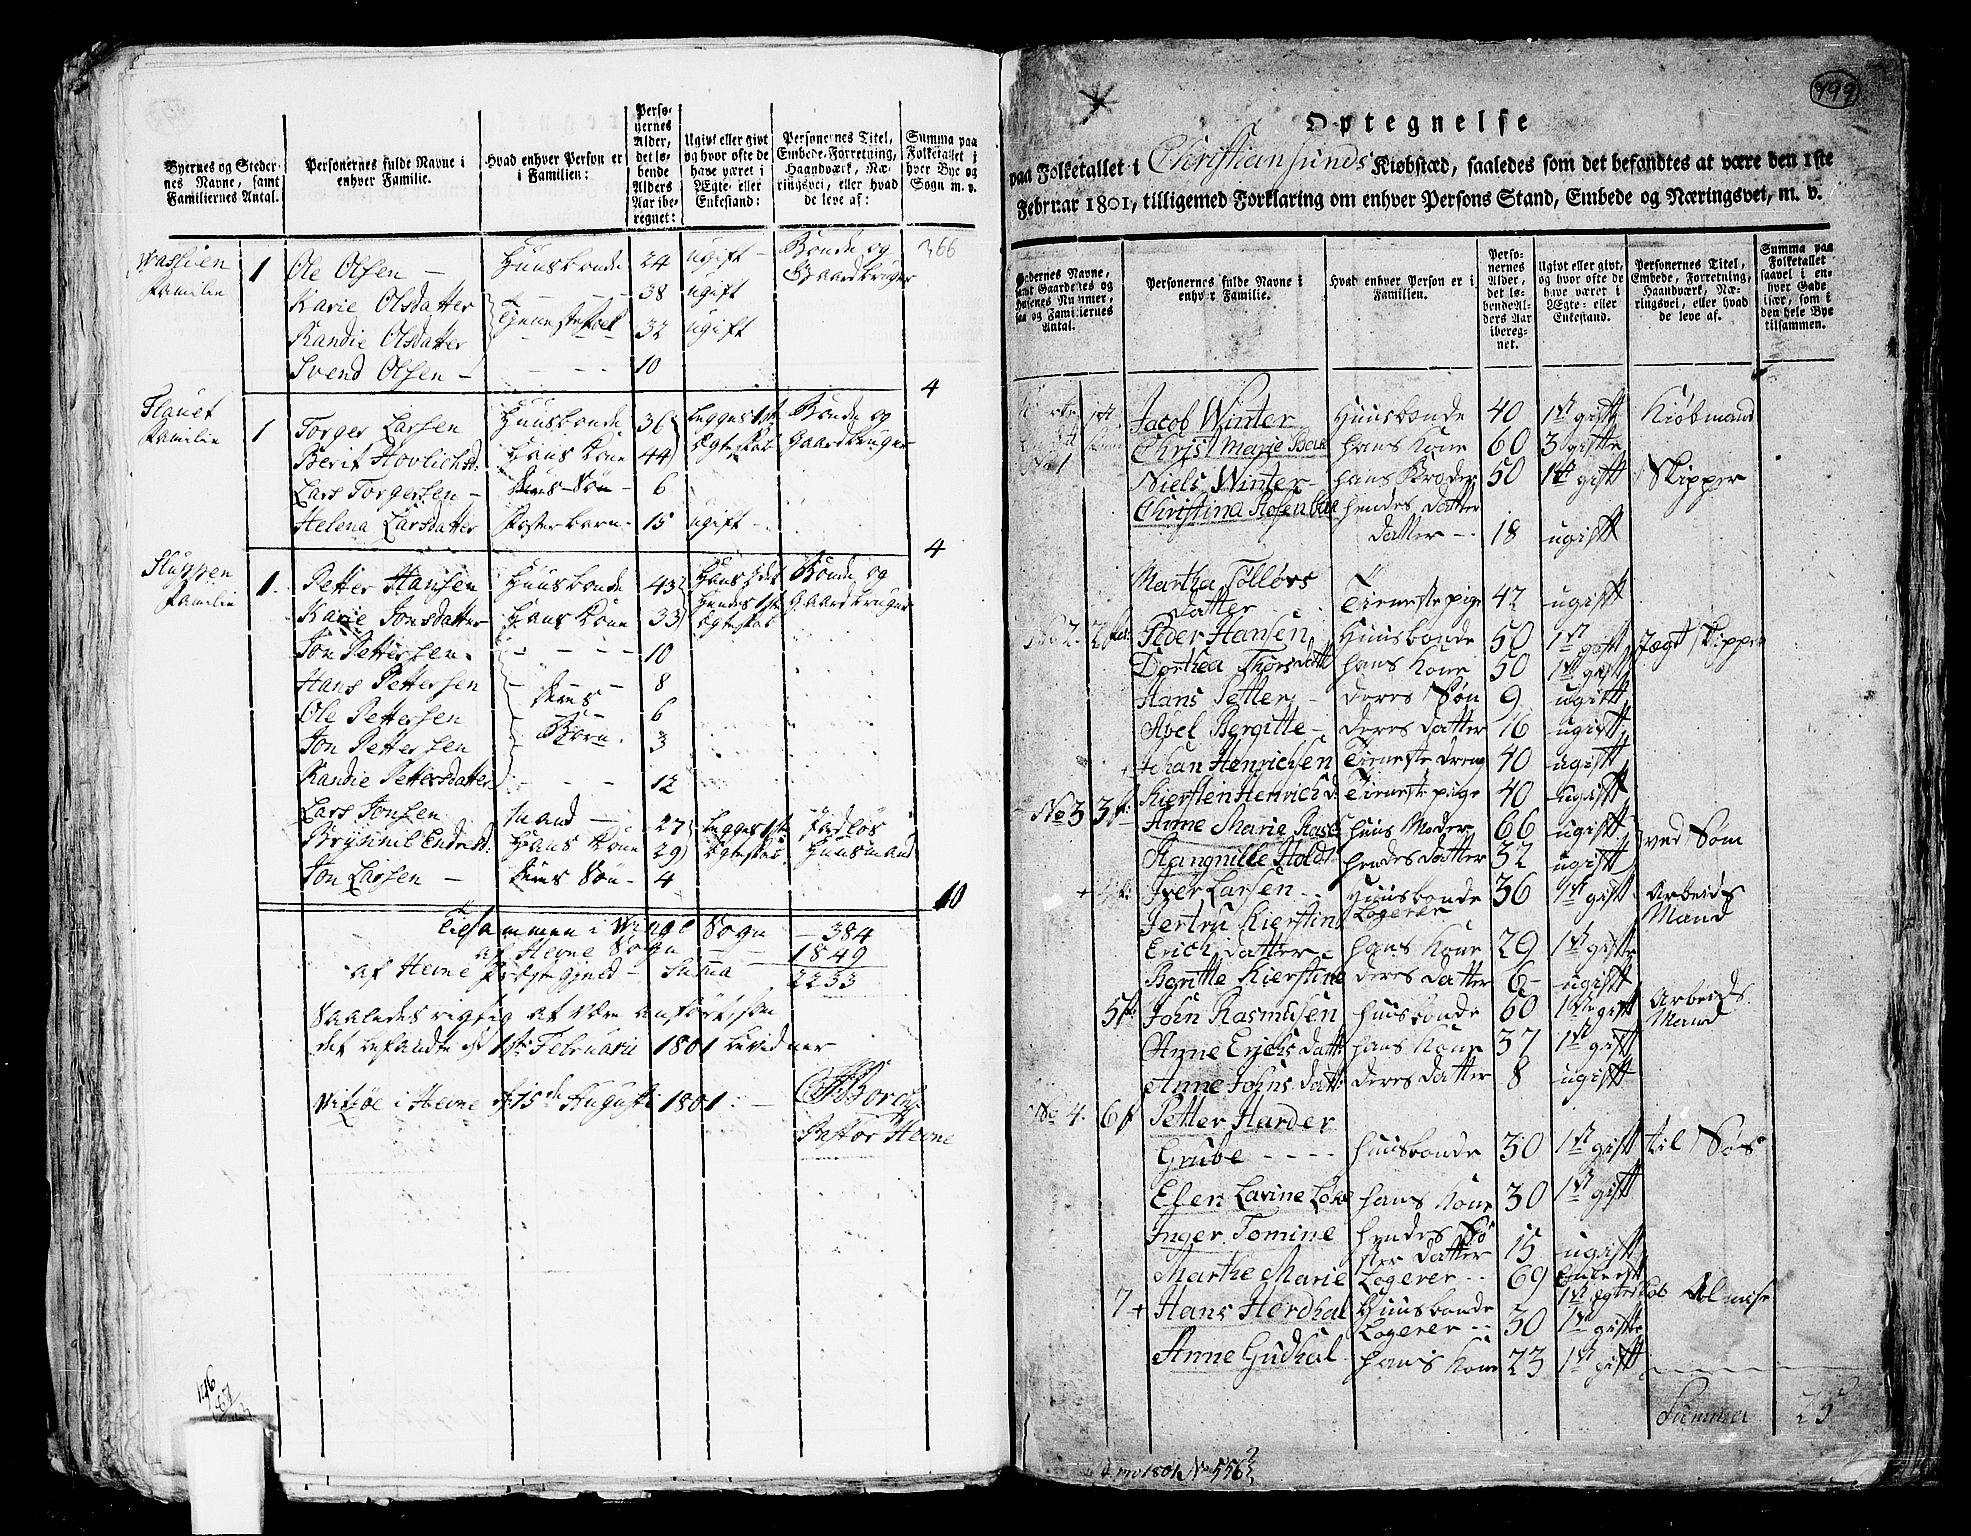 RA, Folketelling 1801 for 1553P Kvernes prestegjeld, 1801, s. 798b-799a